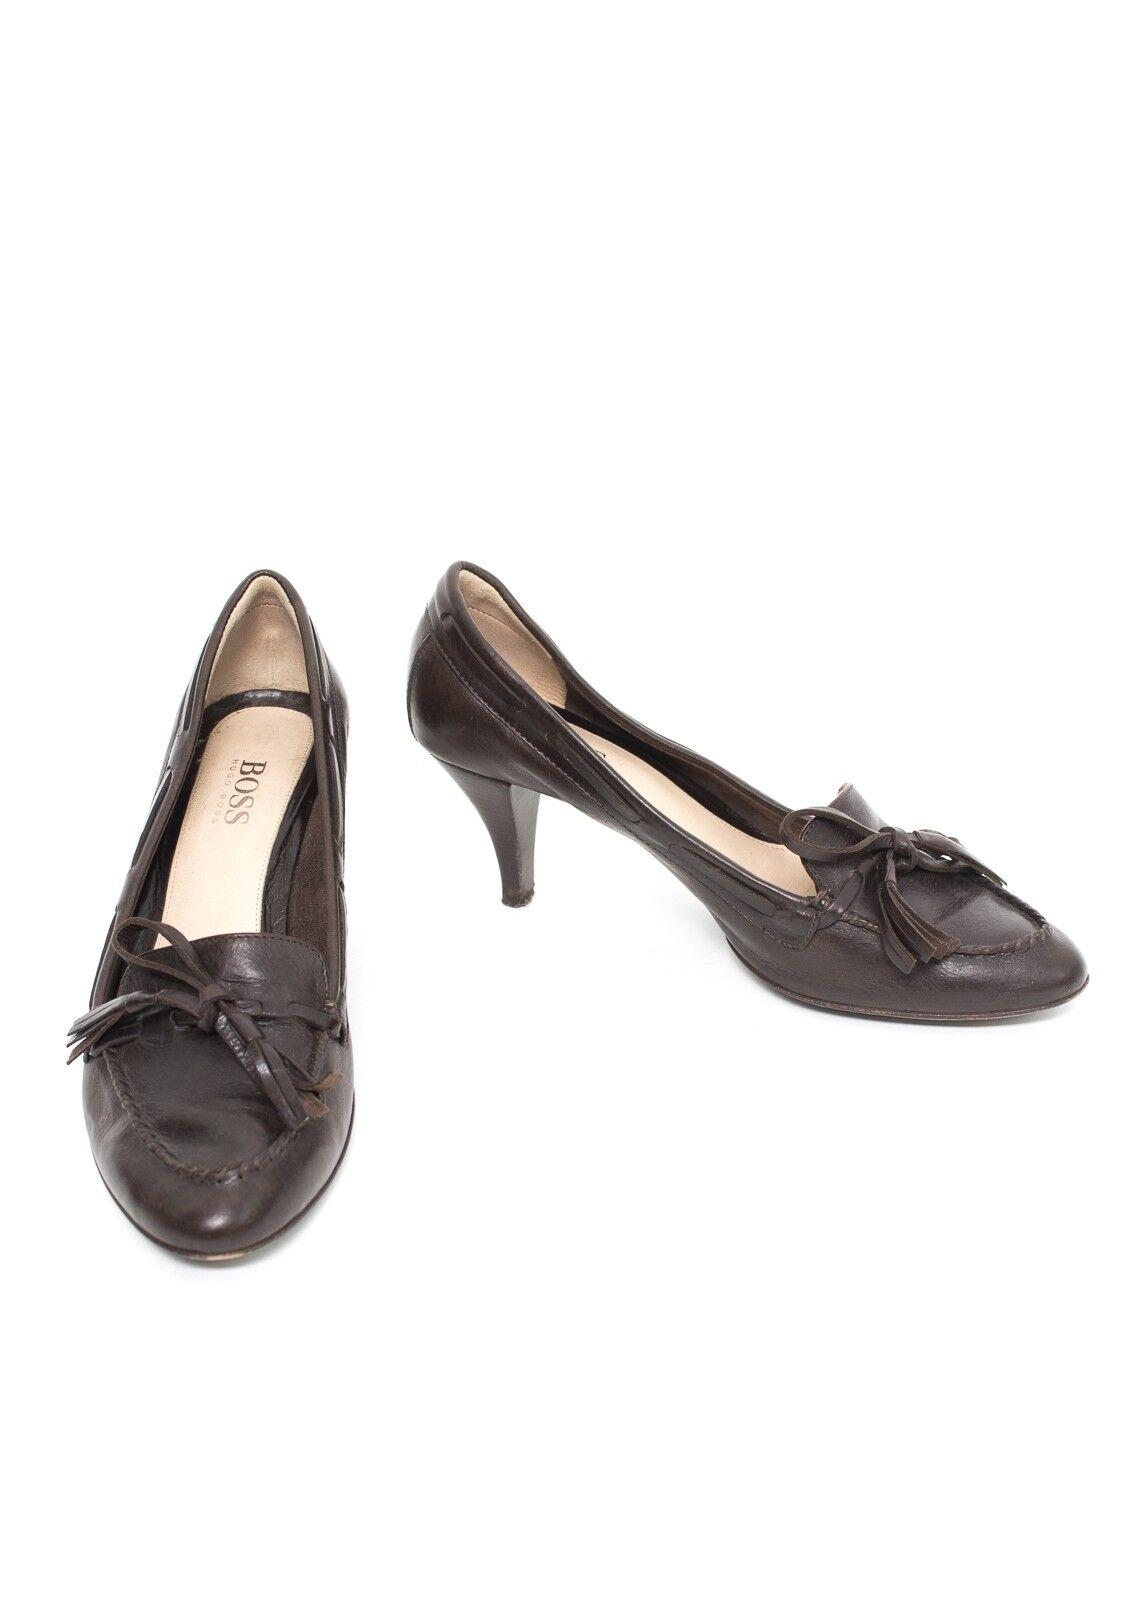 ecco l'ultimo Hugo BOSS Décolleté Mis. EU 37,5 Scarpe da donna tacco tacco tacco alto scarpe Marronee PELLE  economico e di alta qualità